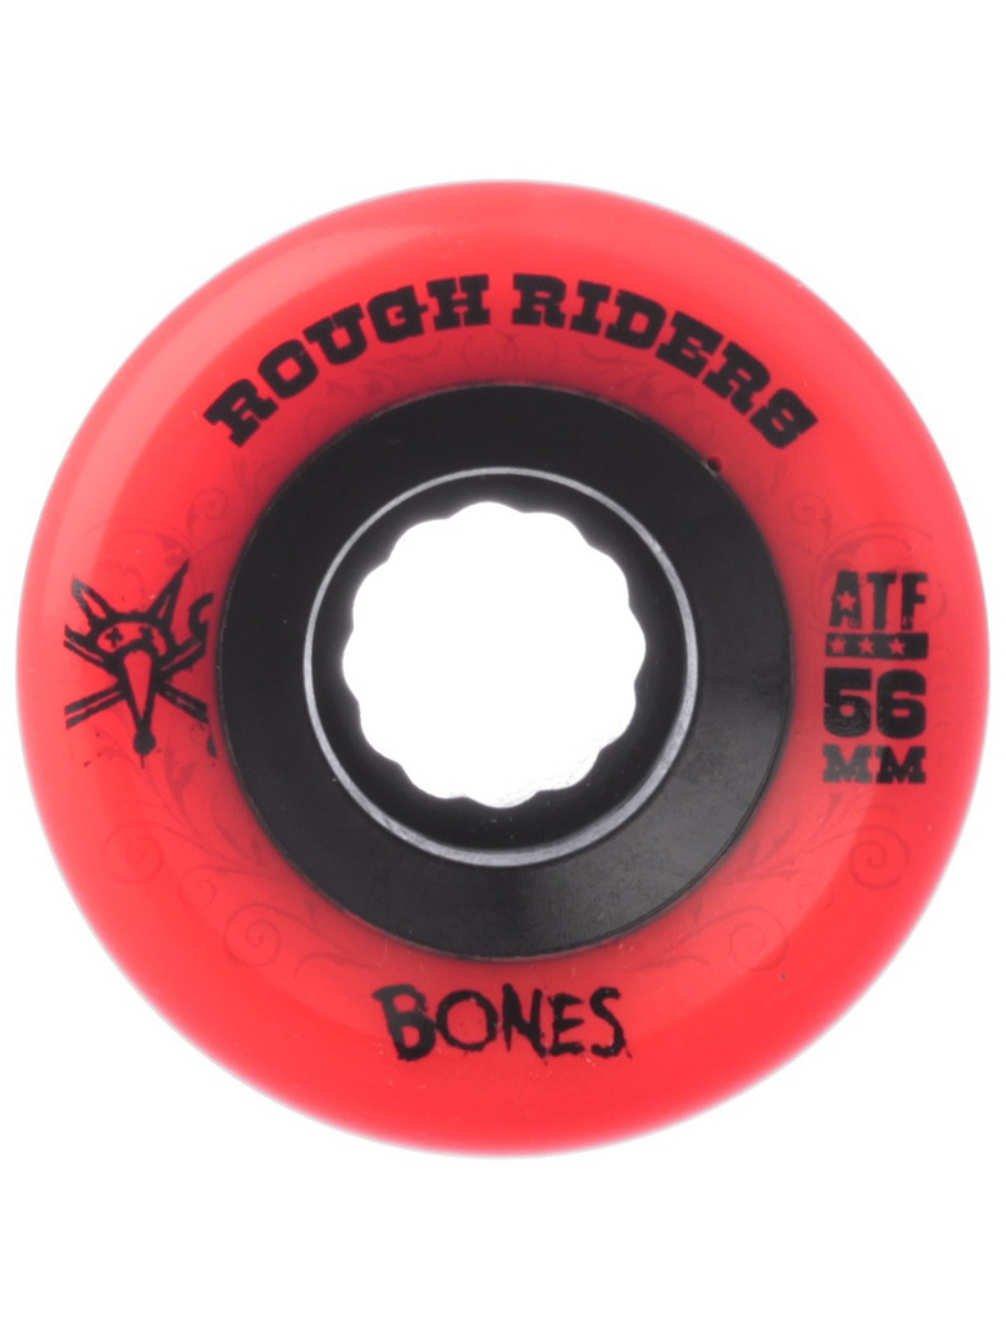 Bones Wheels Rough Riders 59mm Red Skateboard Wheels by Bones Wheels